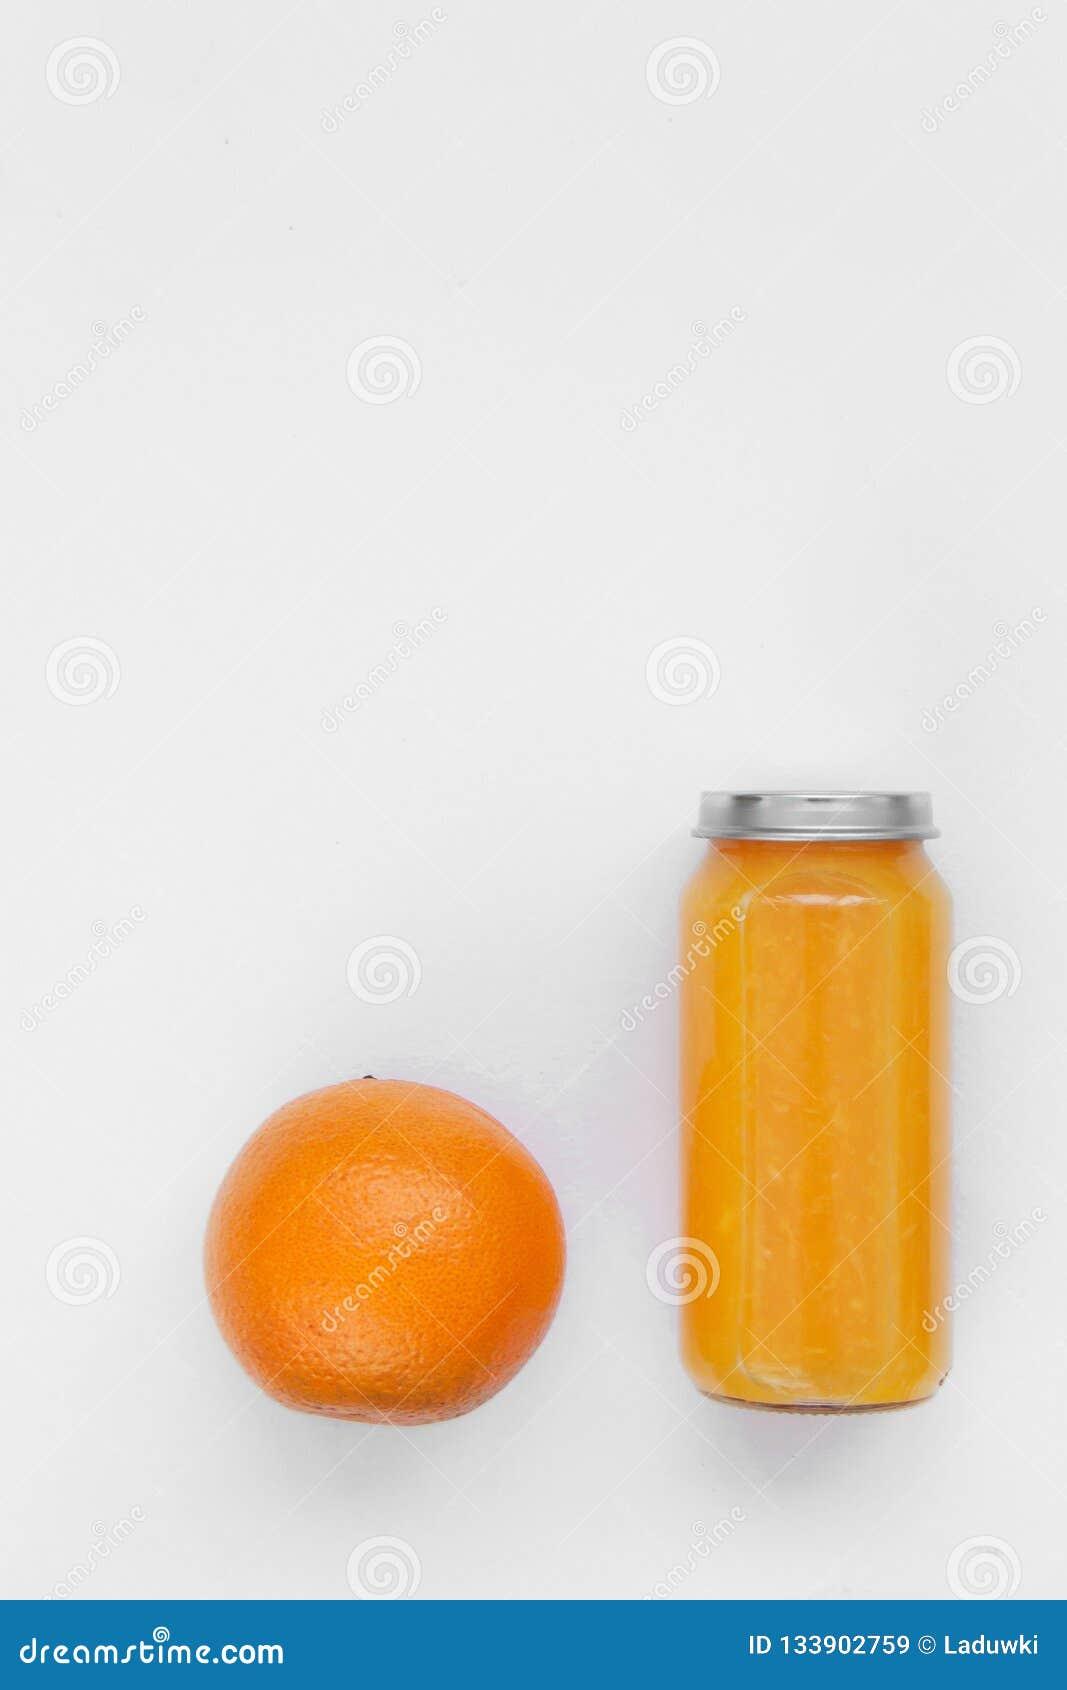 perdita di peso sulla dieta di succhi di frutta e verdura